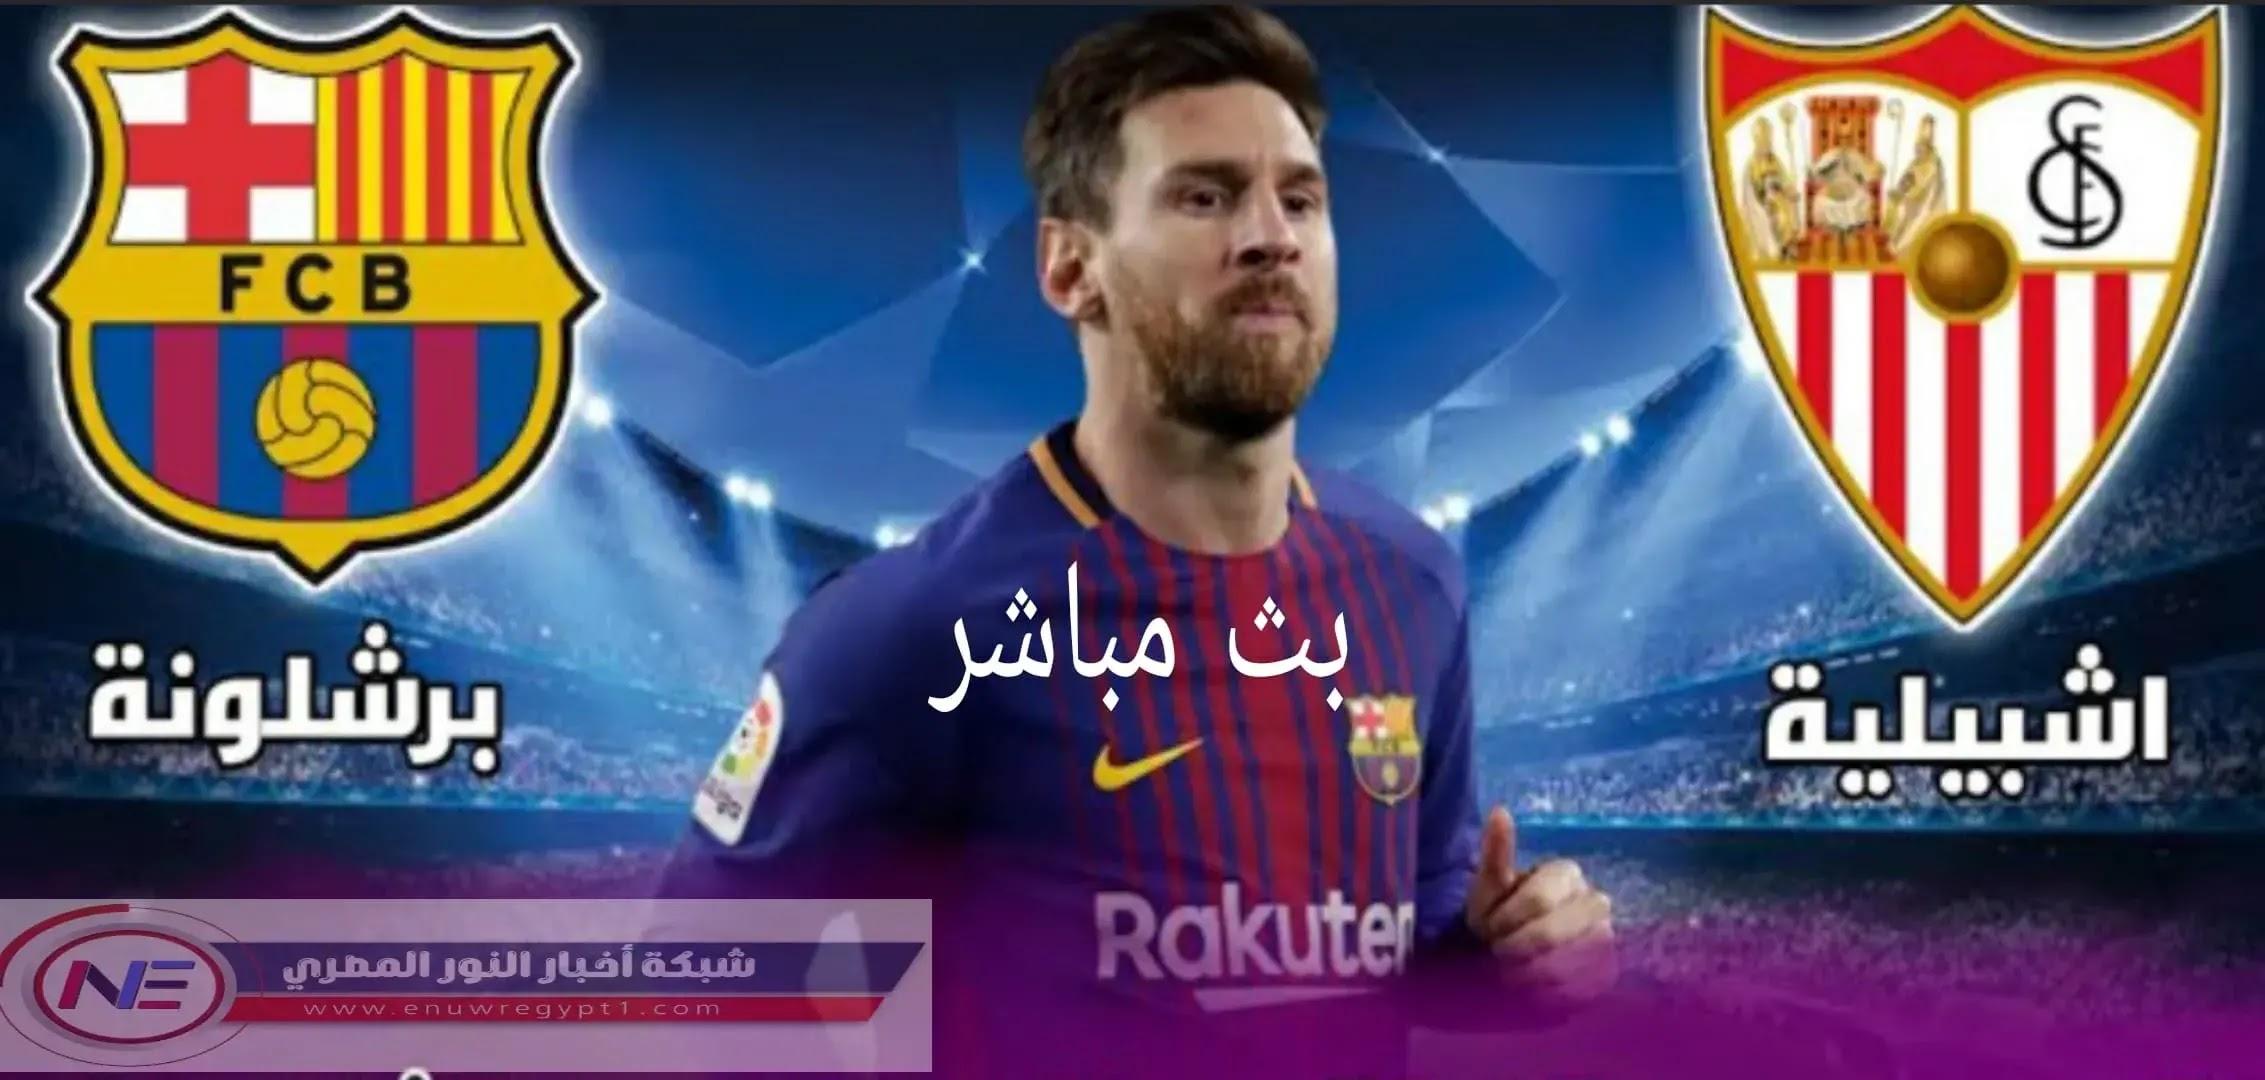 يلا شوت حصري الجديد HD | مشاهد ة مباراة برشلونة و إشبيلية بث مباشر اليوم الاربعاء 03-03-2021 لايف في كأس ملك أسبانيا